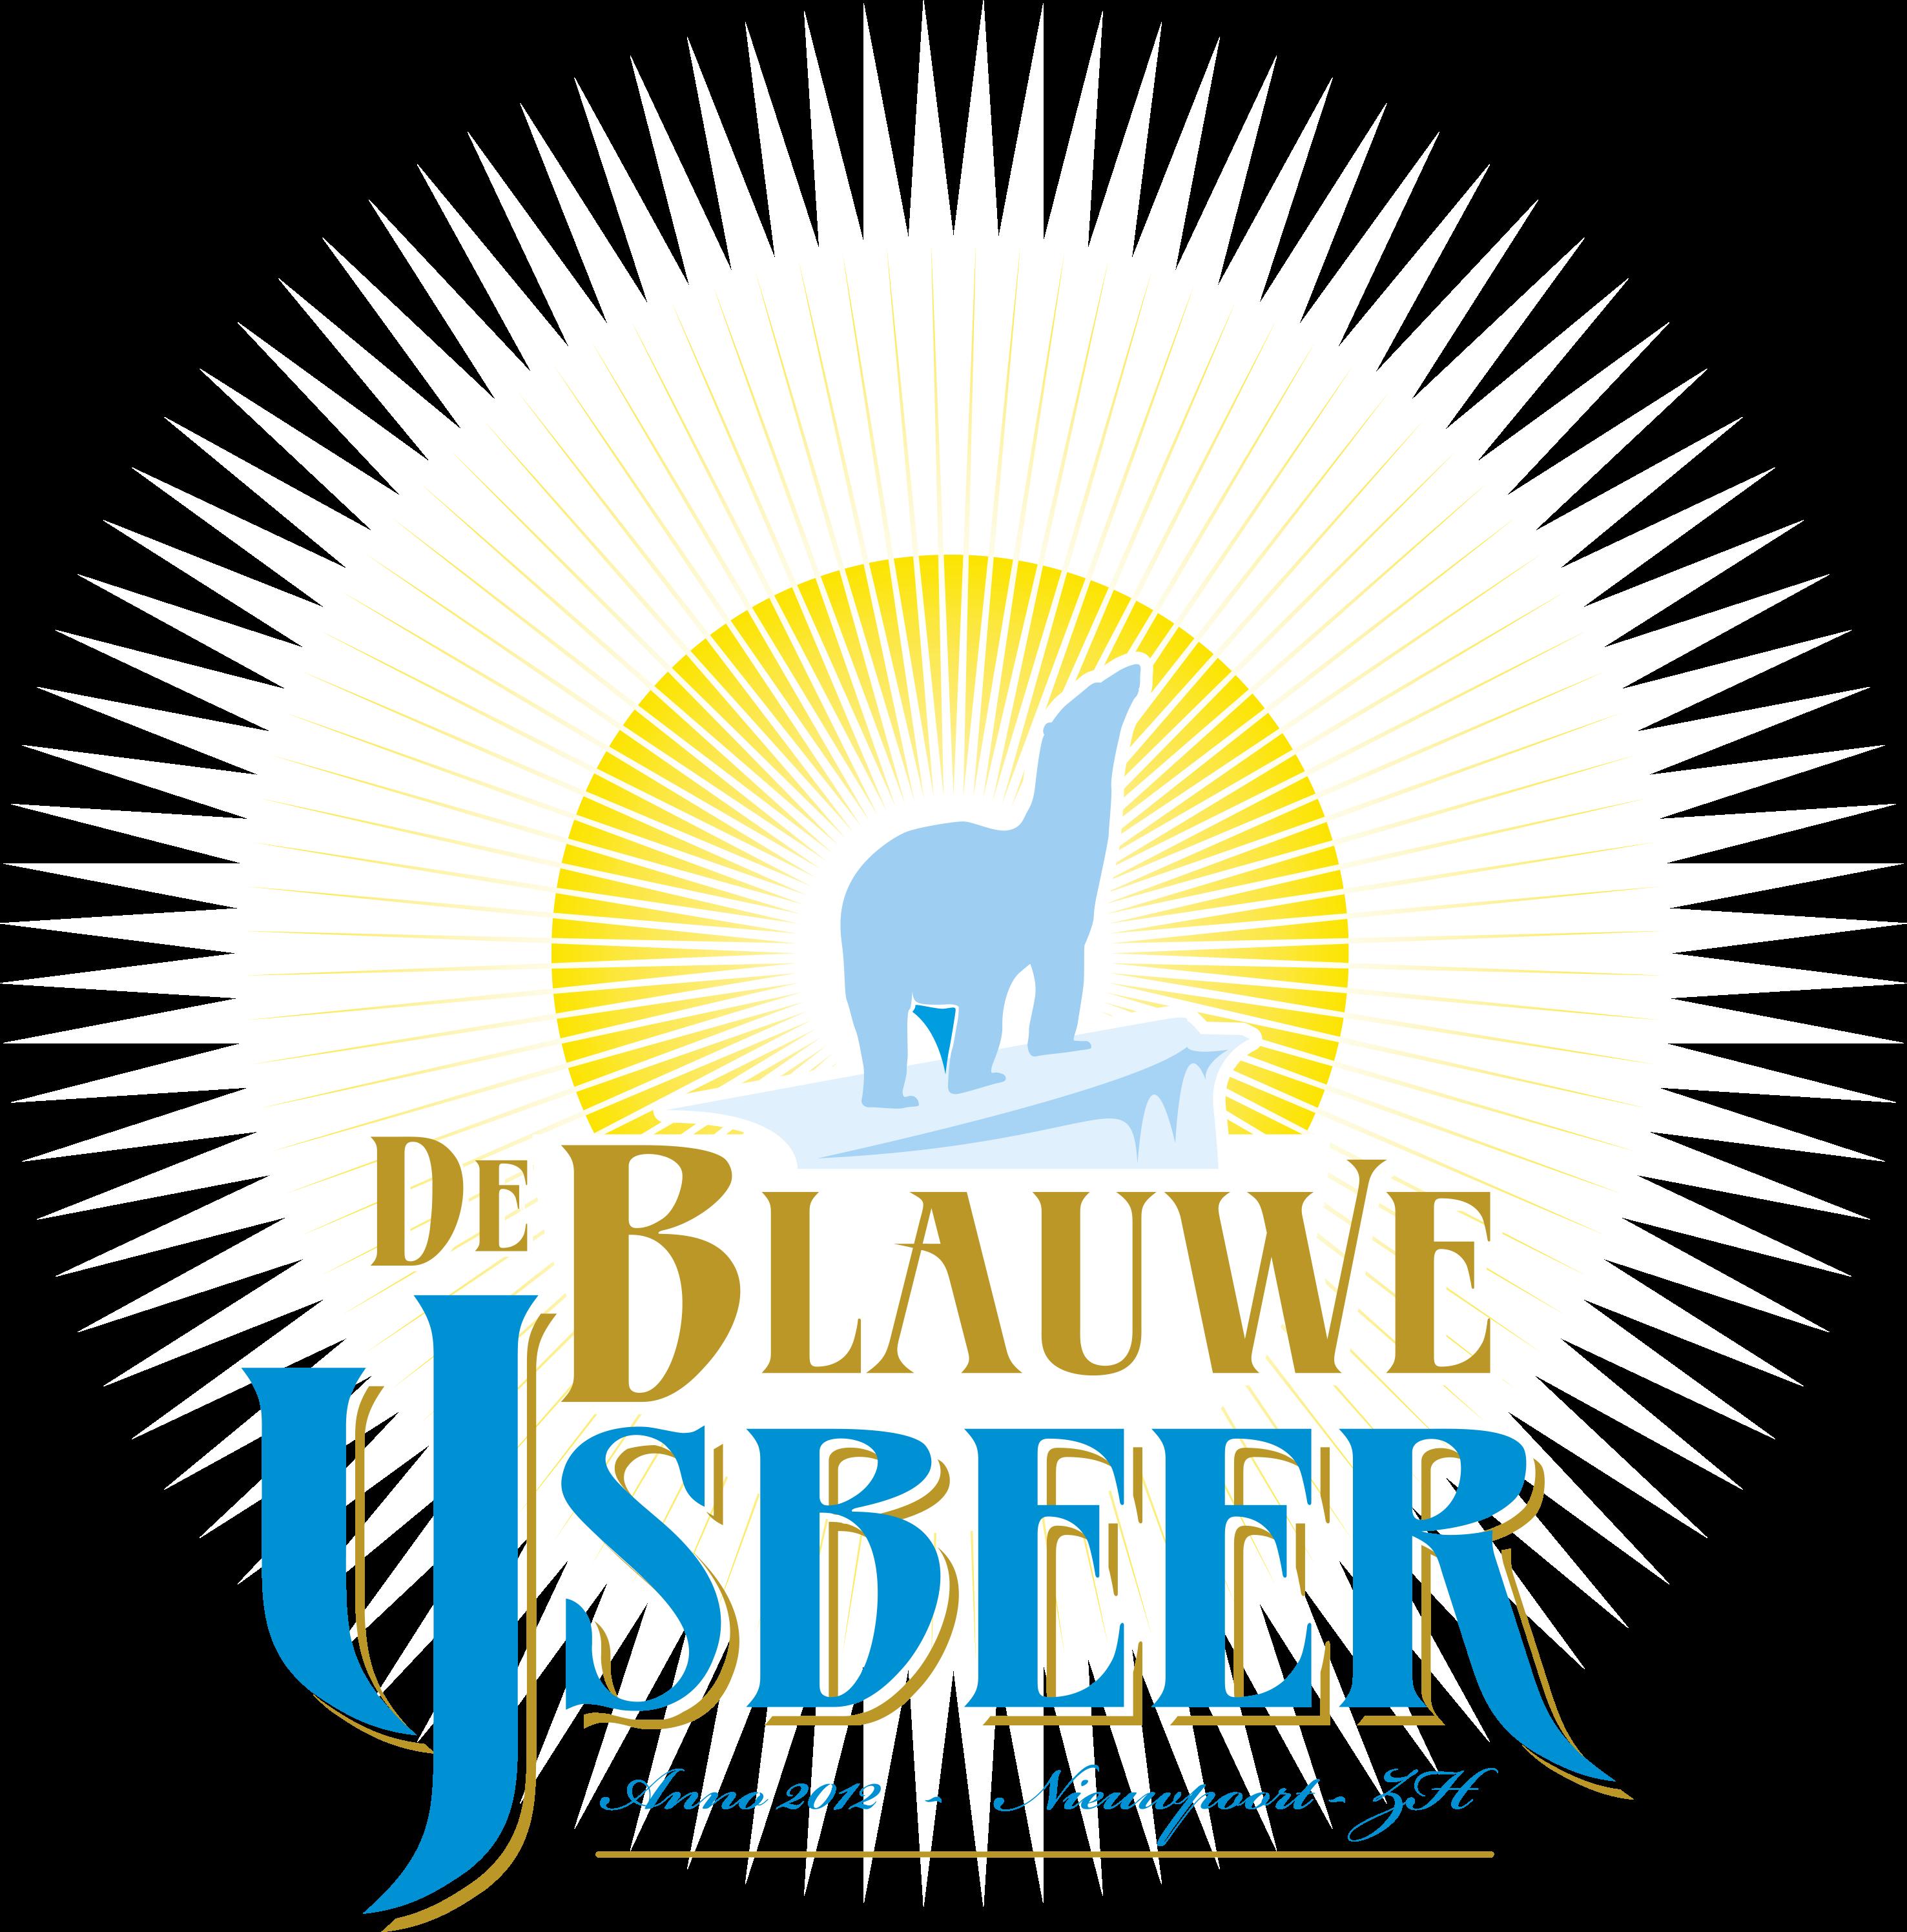 Logo De Blauwe Ijsbeer